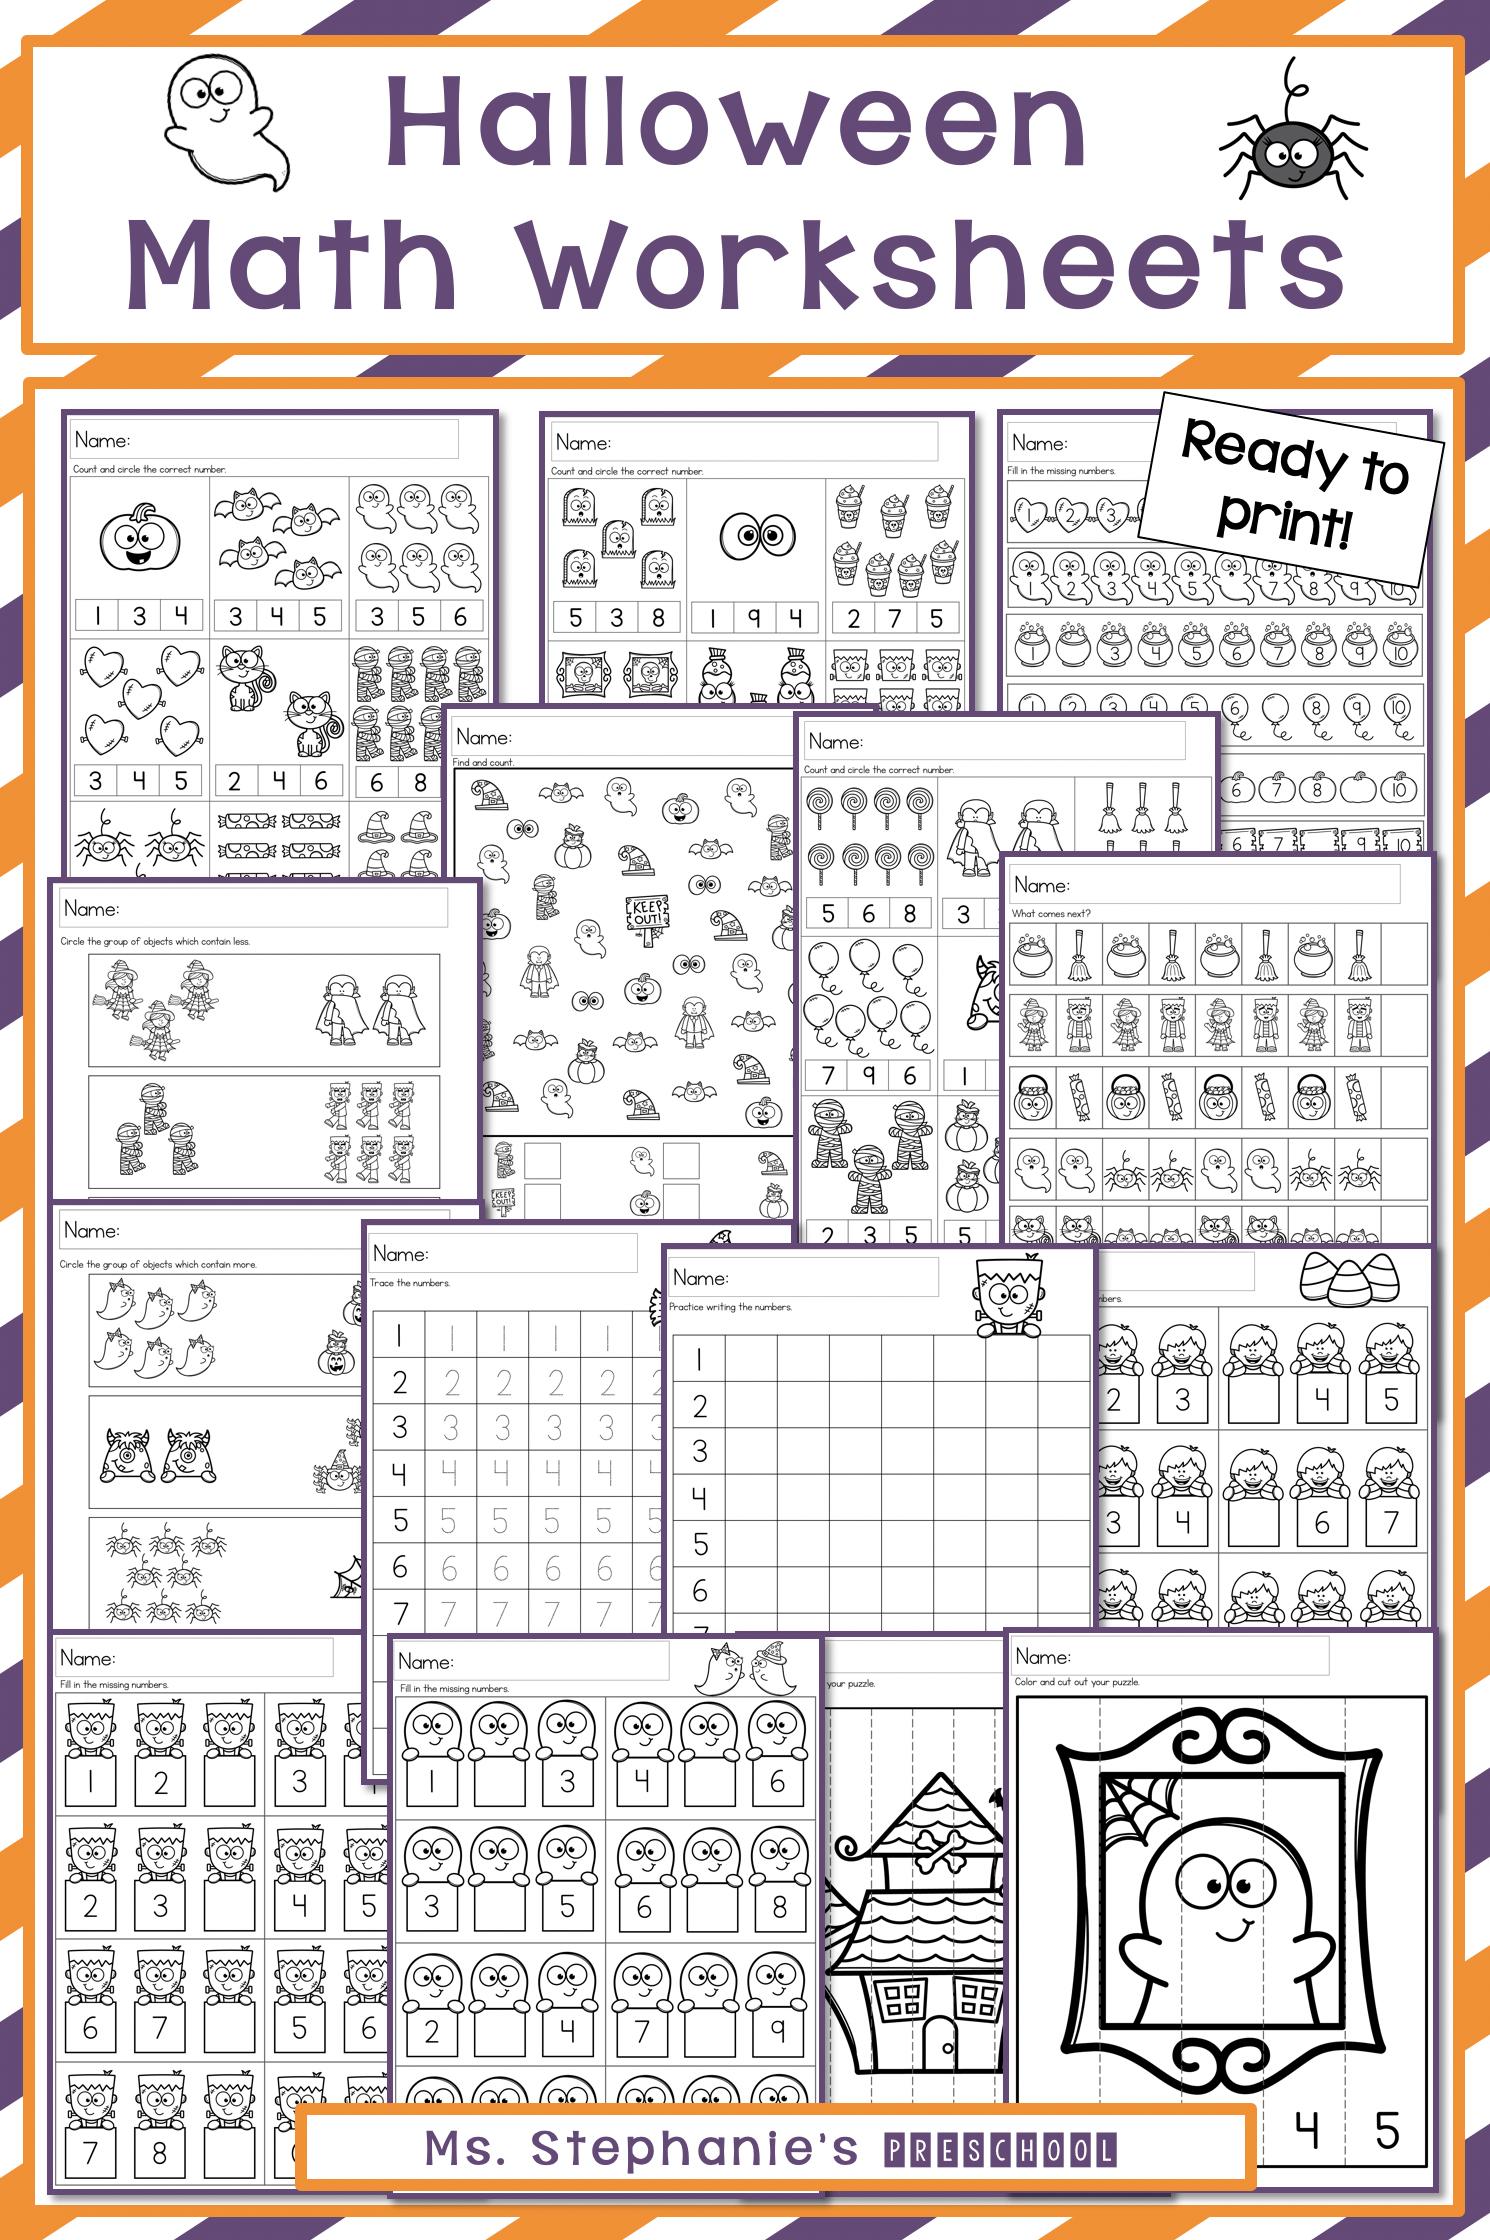 Halloween Preschool Math Worksheets Halloween Preschool Preschool Math Worksheets Math Worksheets [ 2240 x 1490 Pixel ]